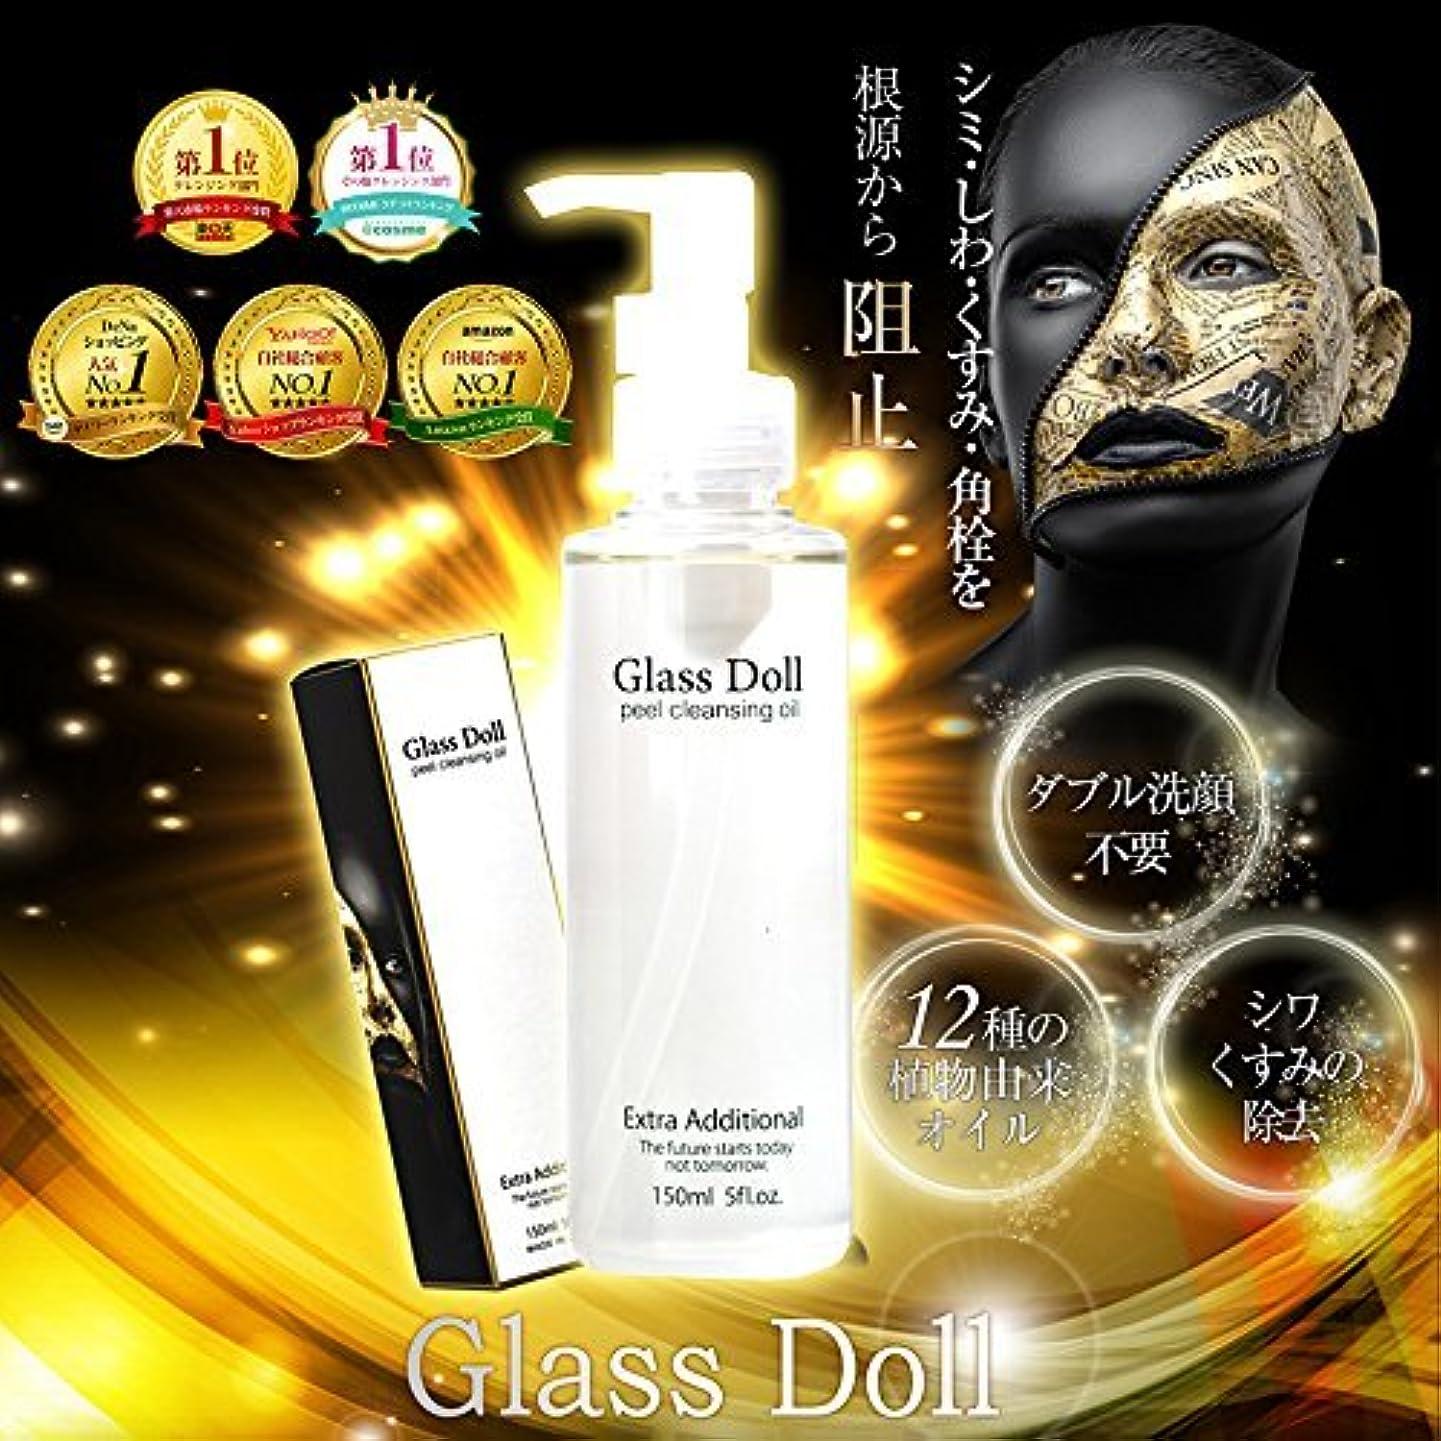 起こりやすいハーネス冬Glass Doll Peel cleansing oil グラスドール 2個セット ピール クレンジング オイル